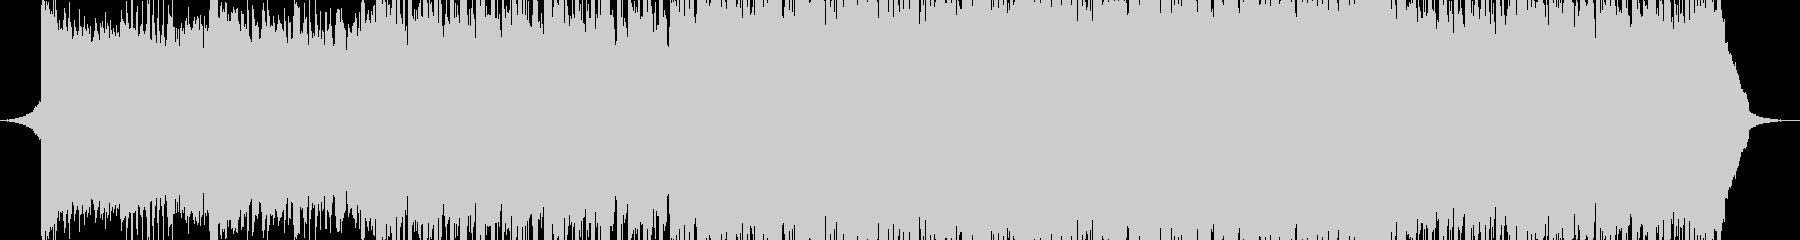 パンク モダン テクノ ブレイクビ...の未再生の波形